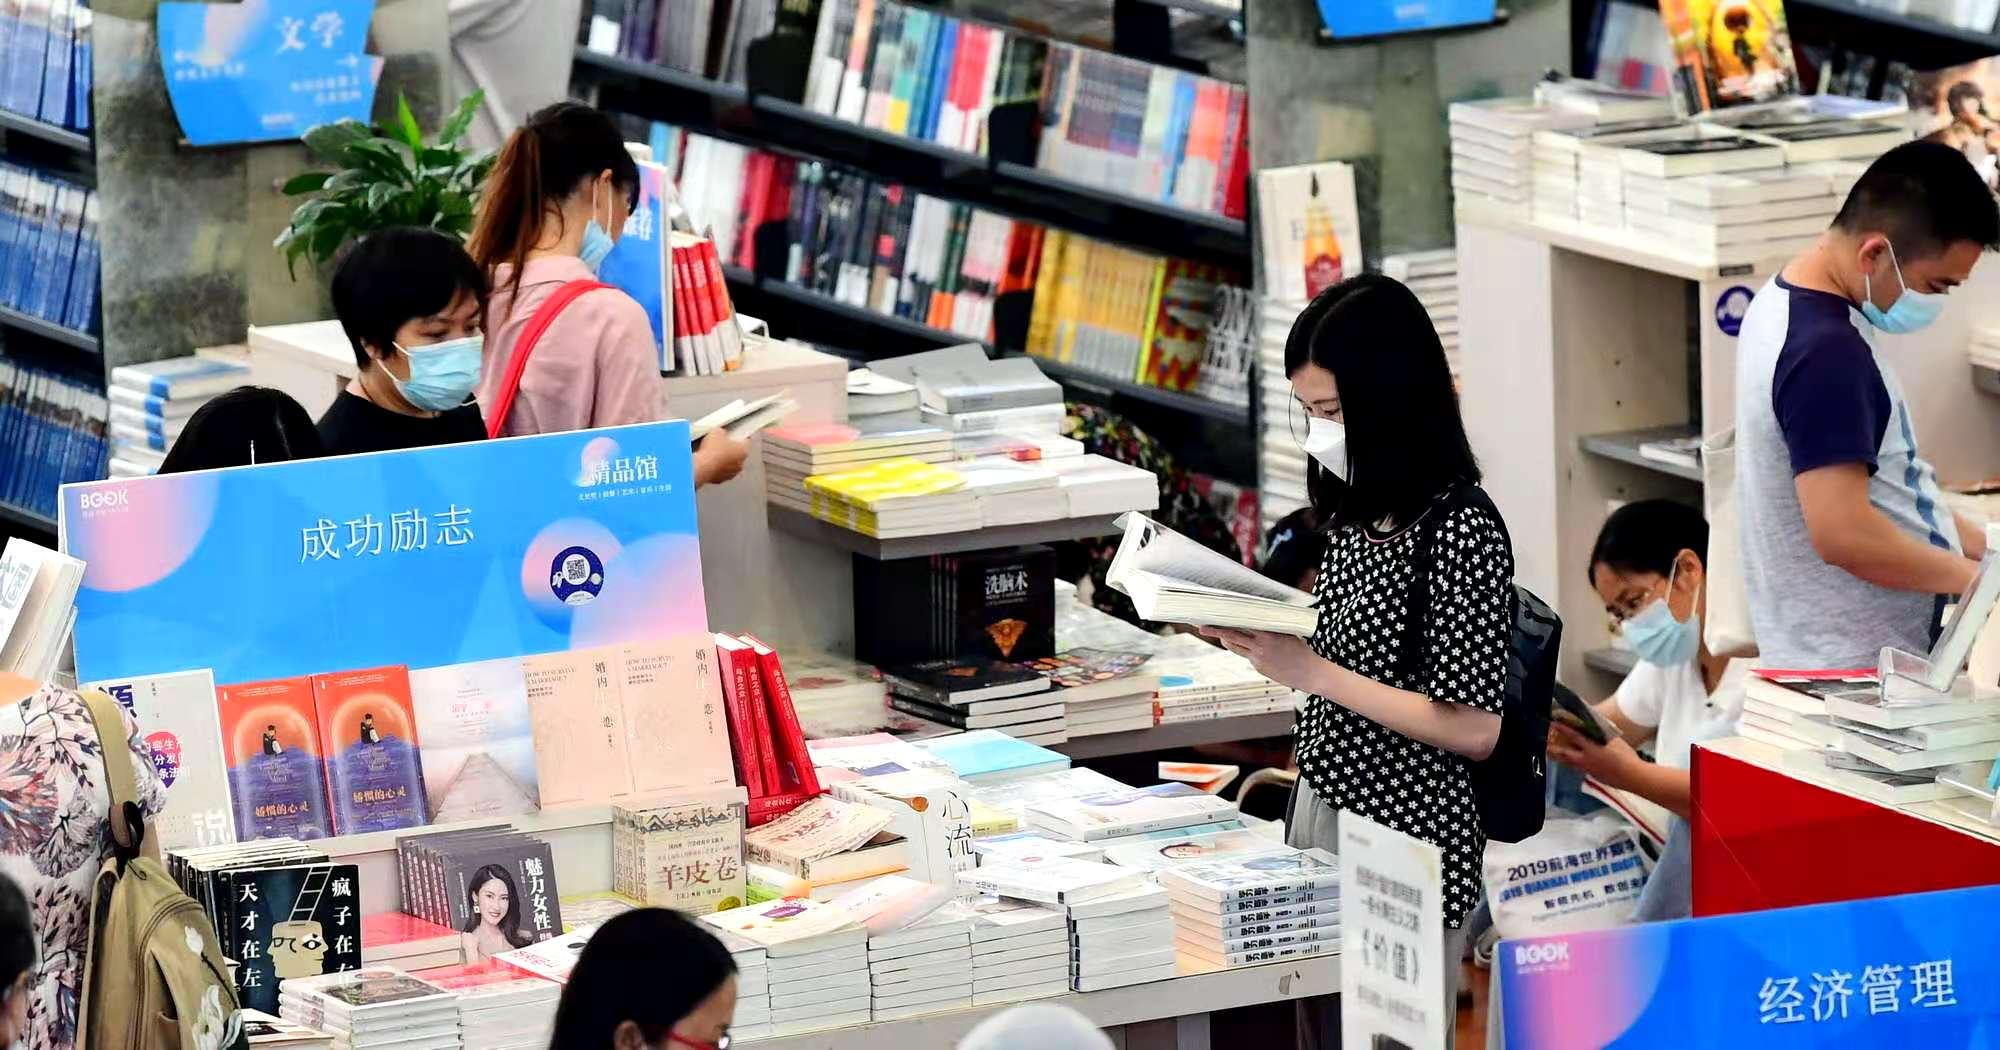 """""""让阅读来得更猛烈些吧!"""" 2020深圳读书月精彩活动预告"""